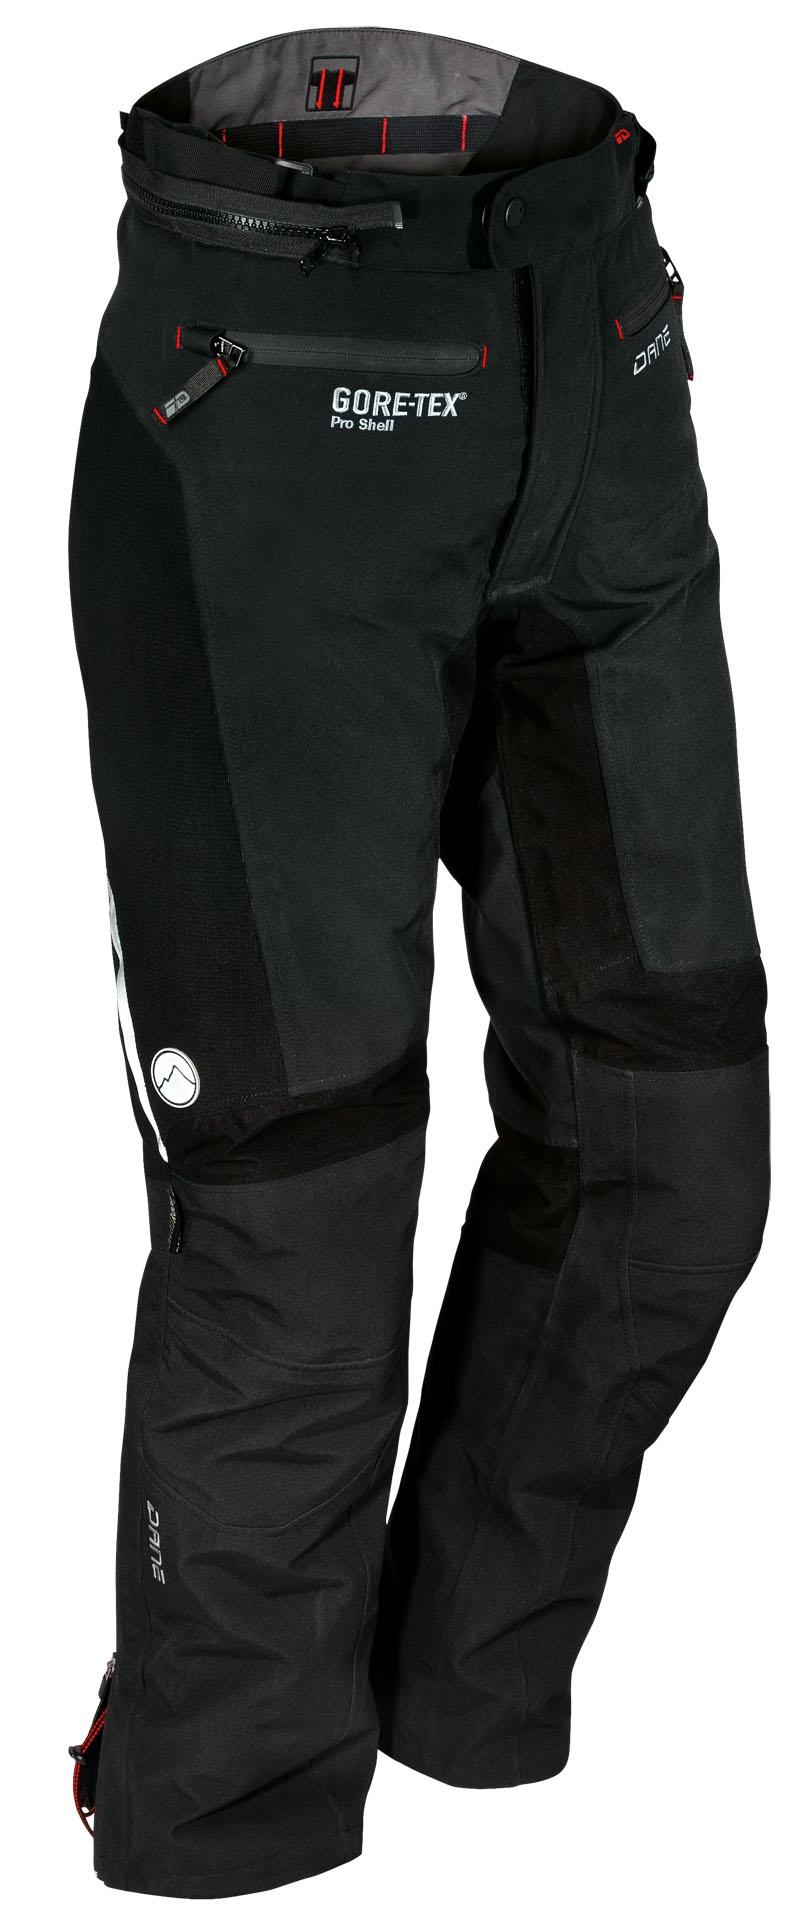 Pantalon Lyngby Gore-tex PRO - shell Noir - Dane motobigstore